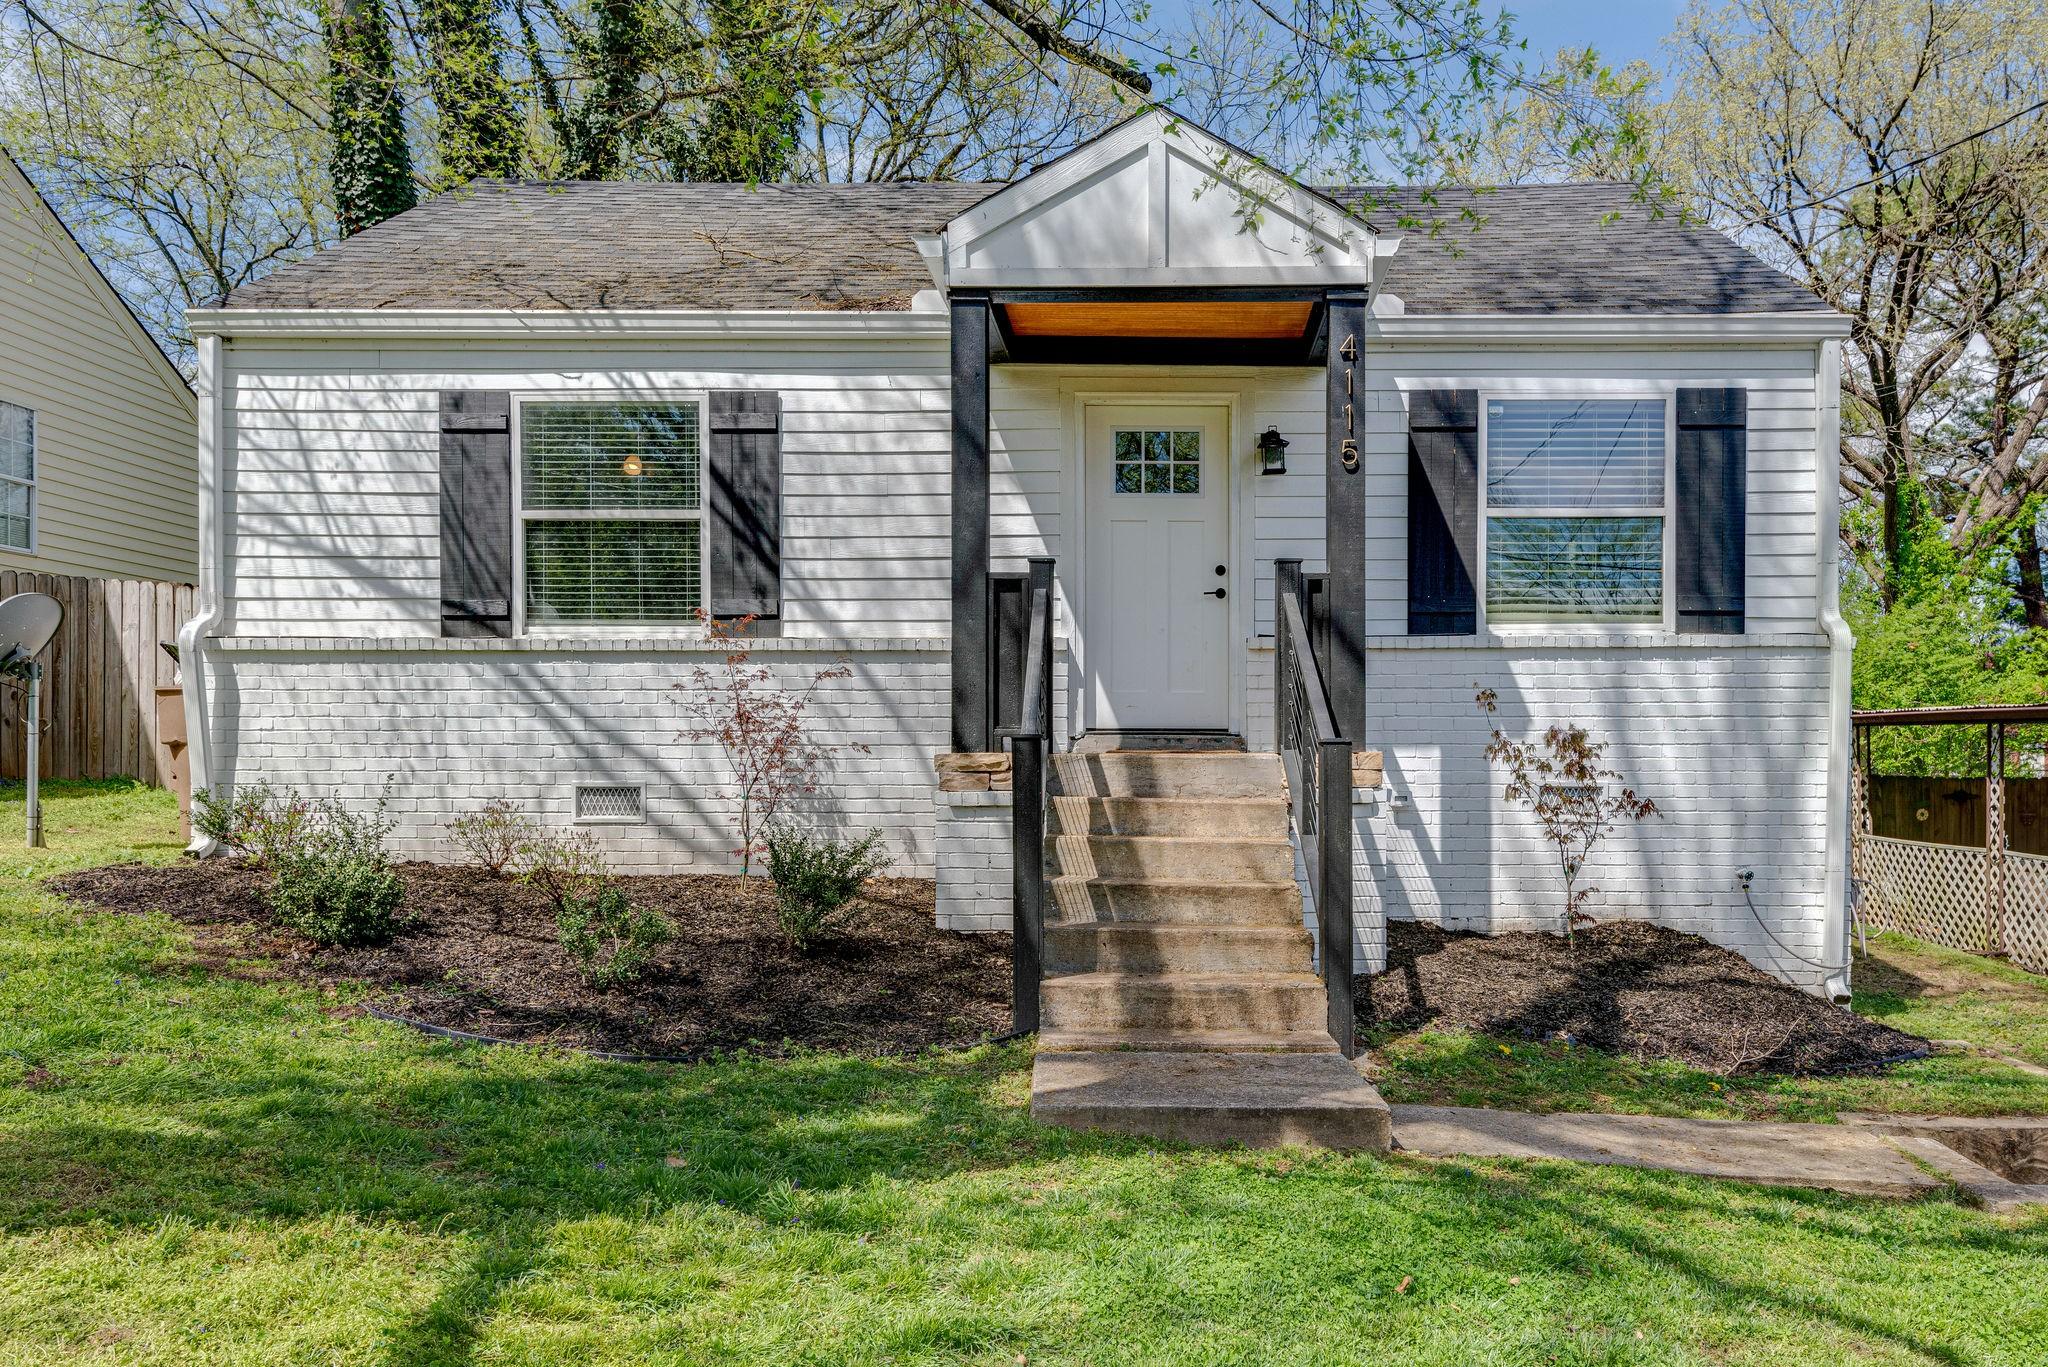 4115 Addine St, Nashville, TN 37216 - Nashville, TN real estate listing